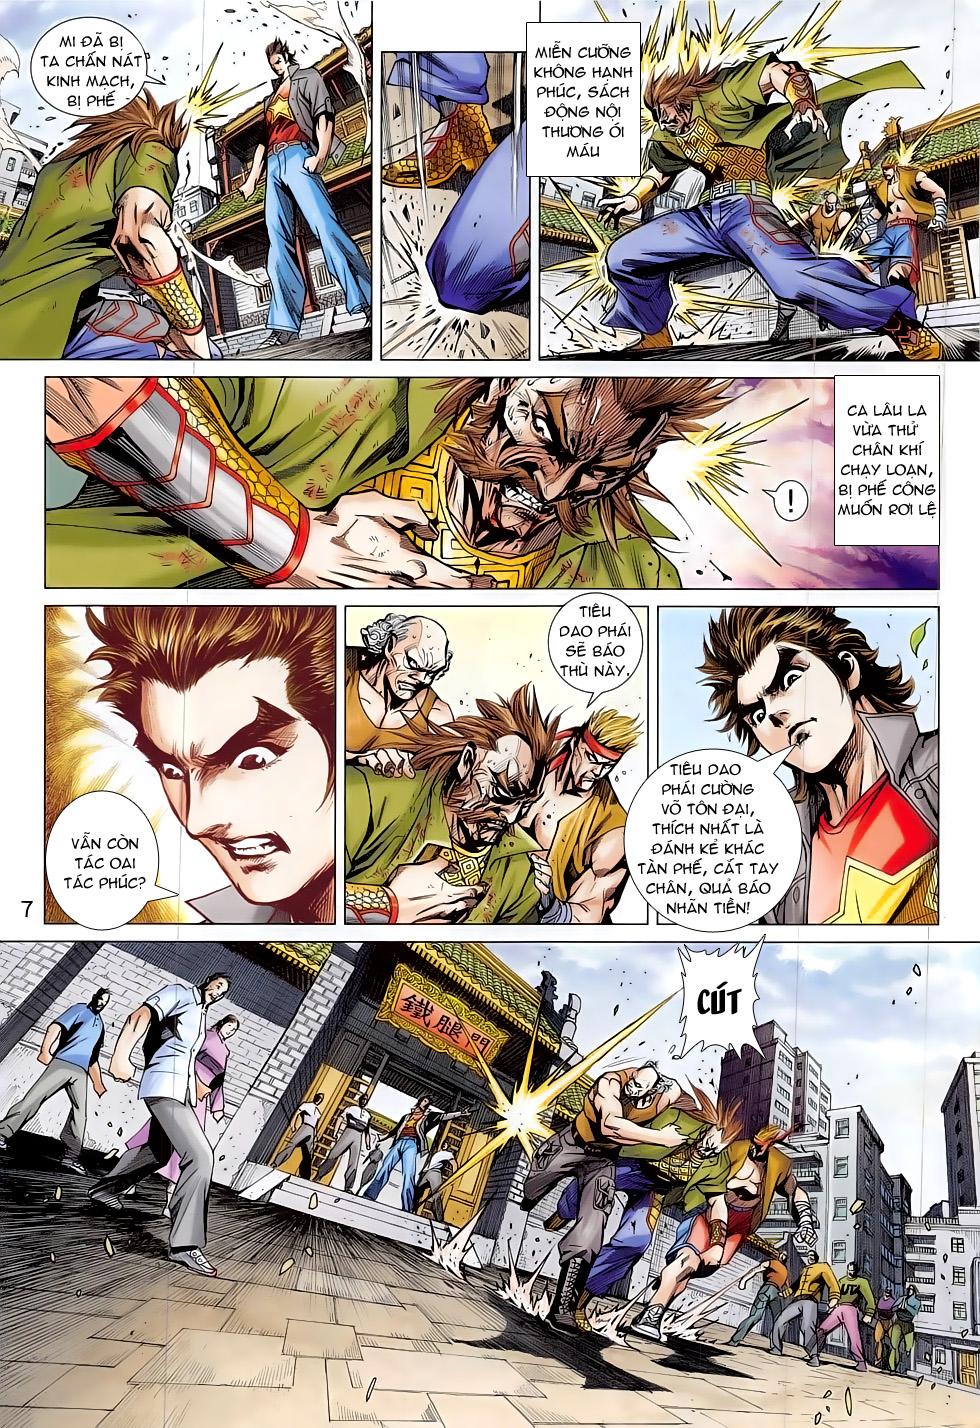 Tân Tác Long Hổ Môn chap 794 Trang 7 - Mangak.info